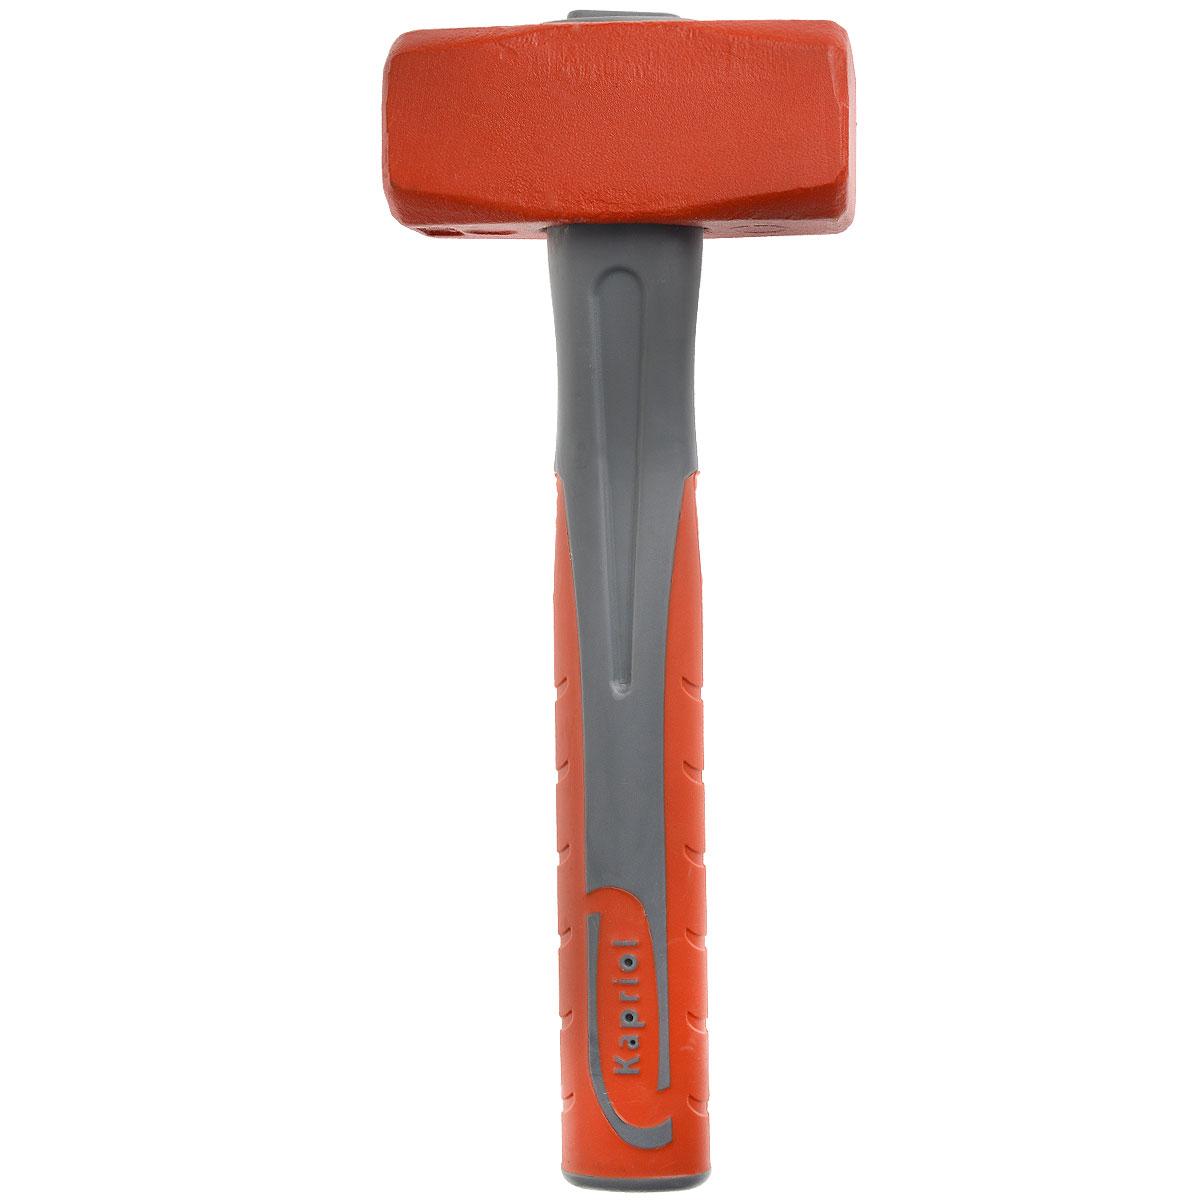 Кувалда Kapriol, длина 28 см, 1500 г. 101632706 (ПО)Кувалда Kapriol предназначена для нанесения исключительно сильных ударов при обработке металла, на демонтаже и монтаже конструкций.Особенности кувалды:Водоотталкивающие покрытие для работы в любых погодных условиях; Материал головки кувалды - легированная сталь с присадками никеля, хрома и молибдена, что обеспечивает высокую прочность и вязкость; Термическая обработка головки повышает ударопрочность и увеличивает срок службы; Поверхностный слой головки закален, что обеспечивает высокую твердость молотка; Головка соединена с рукояткой с помощью эпоксидного клея; Корпус рукоятки изготовлен из стальной трубы; Эргономичный прорезиненный чехол рукоятки выполняет функцию вибропоглощения; Рукоятка имеет форму соответствующую очертаниям руки, что повышает точность удара и снижает усталость при работе. Характеристики: Материал: сталь, резина, пластик. Длина: 28 см. Вес: 1,5 кг. Размеры кувалды: 28 см х 11 см х 4,5 см.